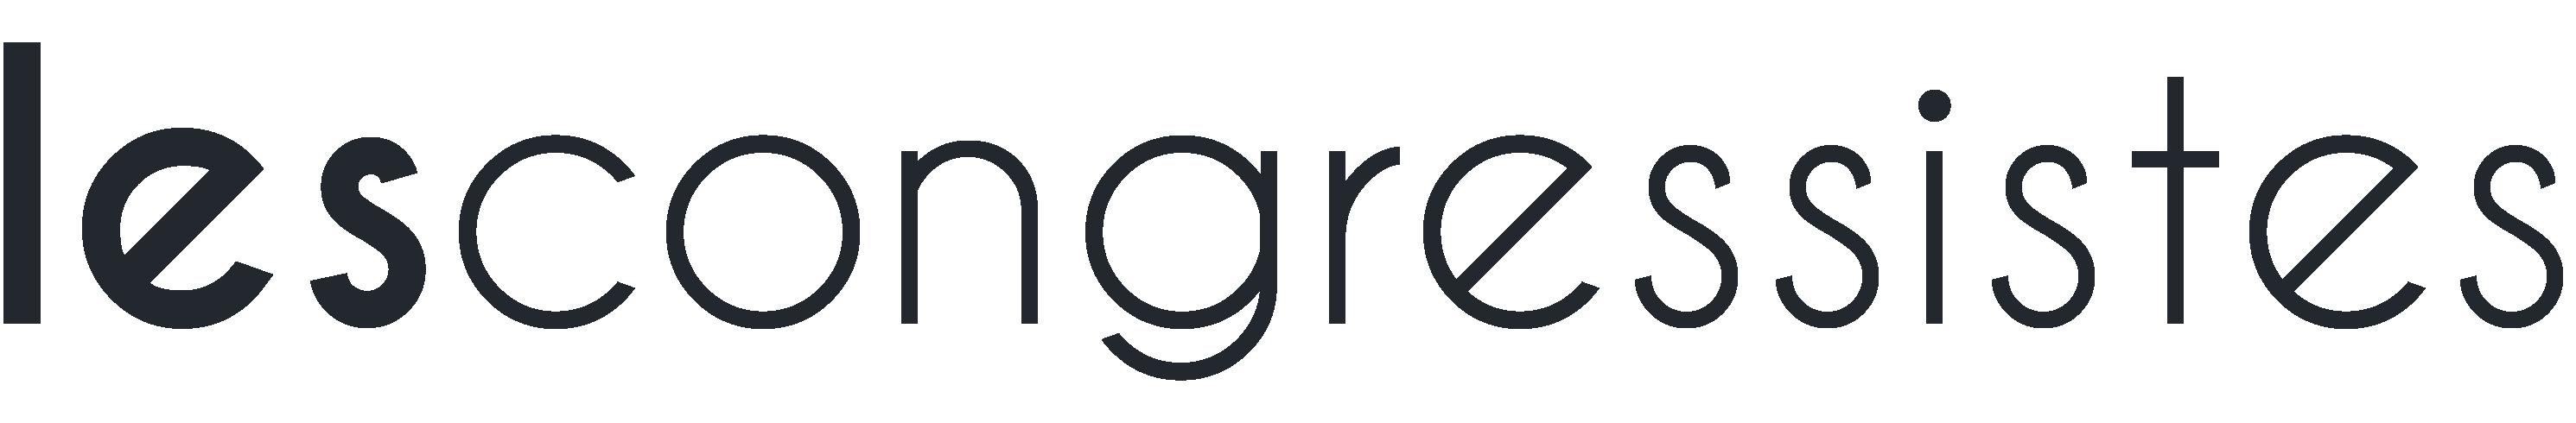 Les Congressistes logo